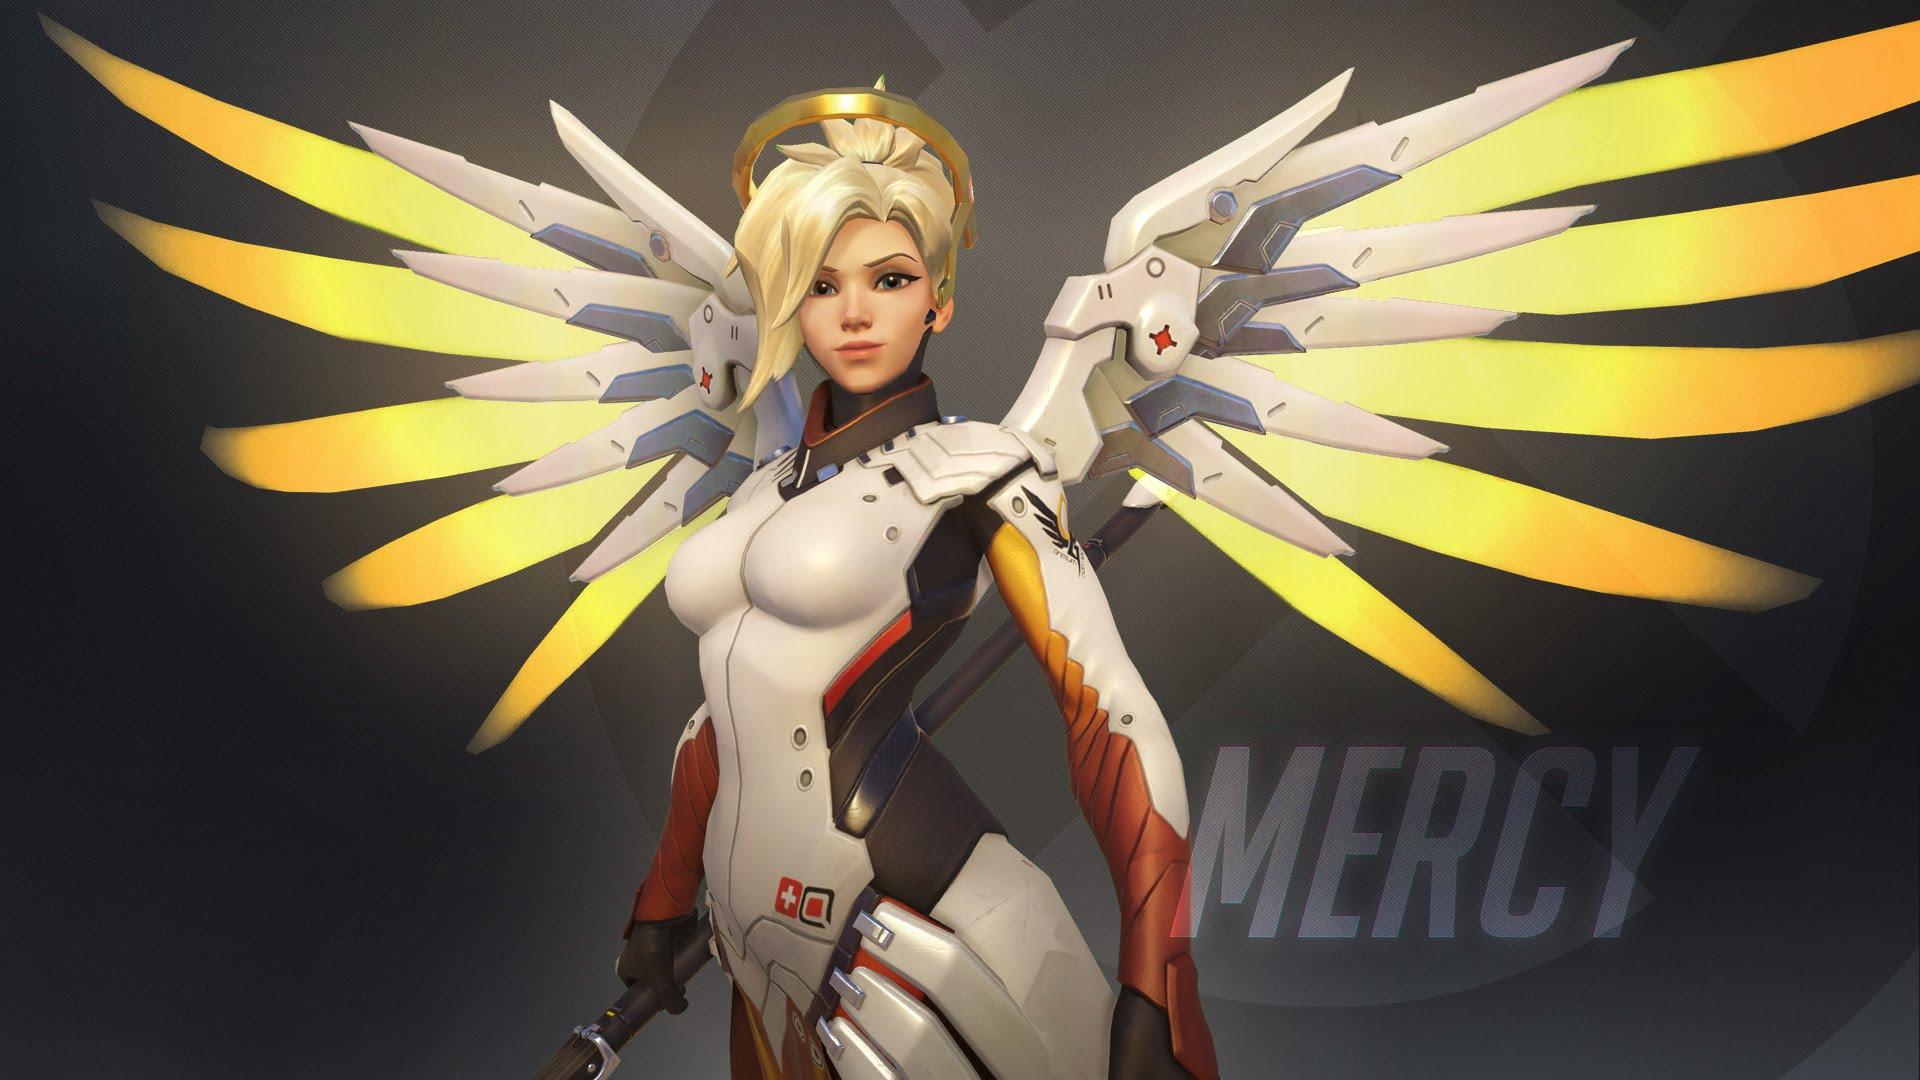 Overwatch : Mercy widescreen wallpapers